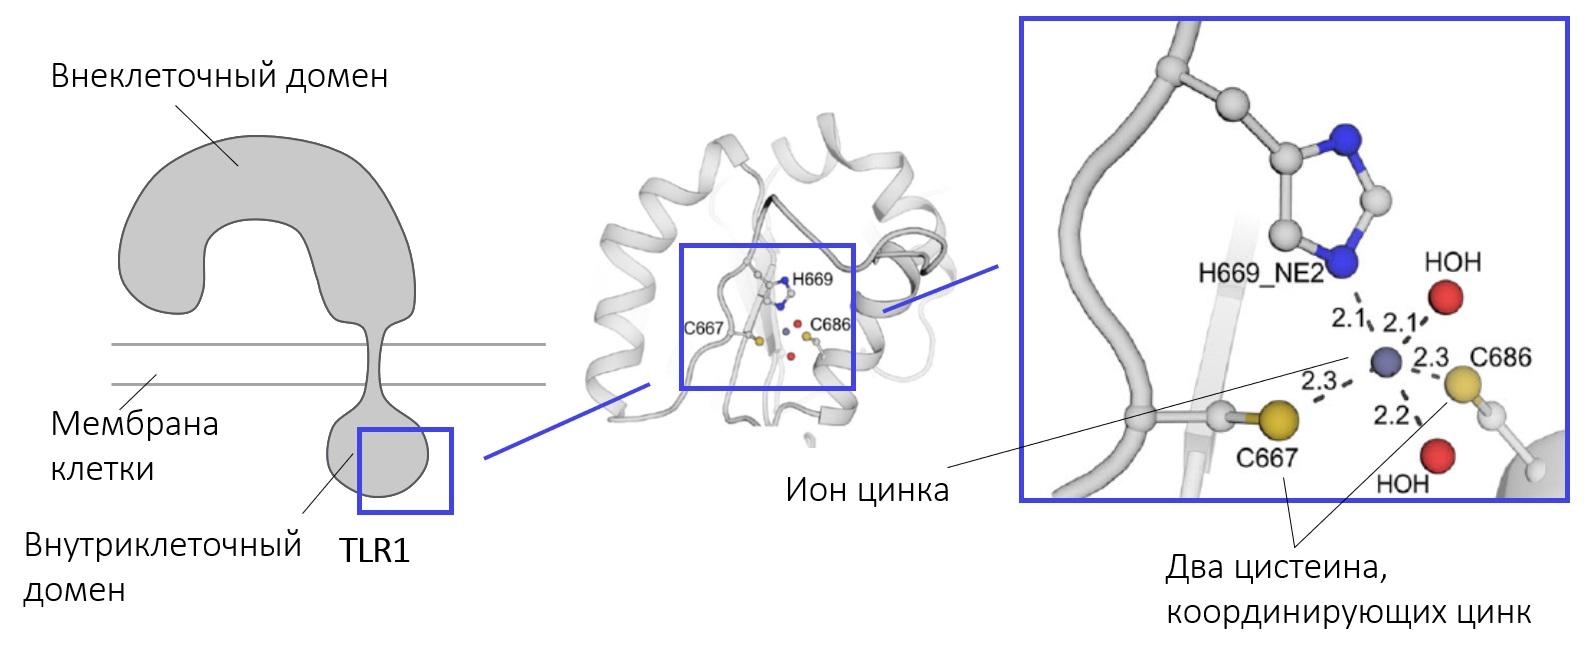 Процесс образования участка связывания цинка двумя цистеинами.